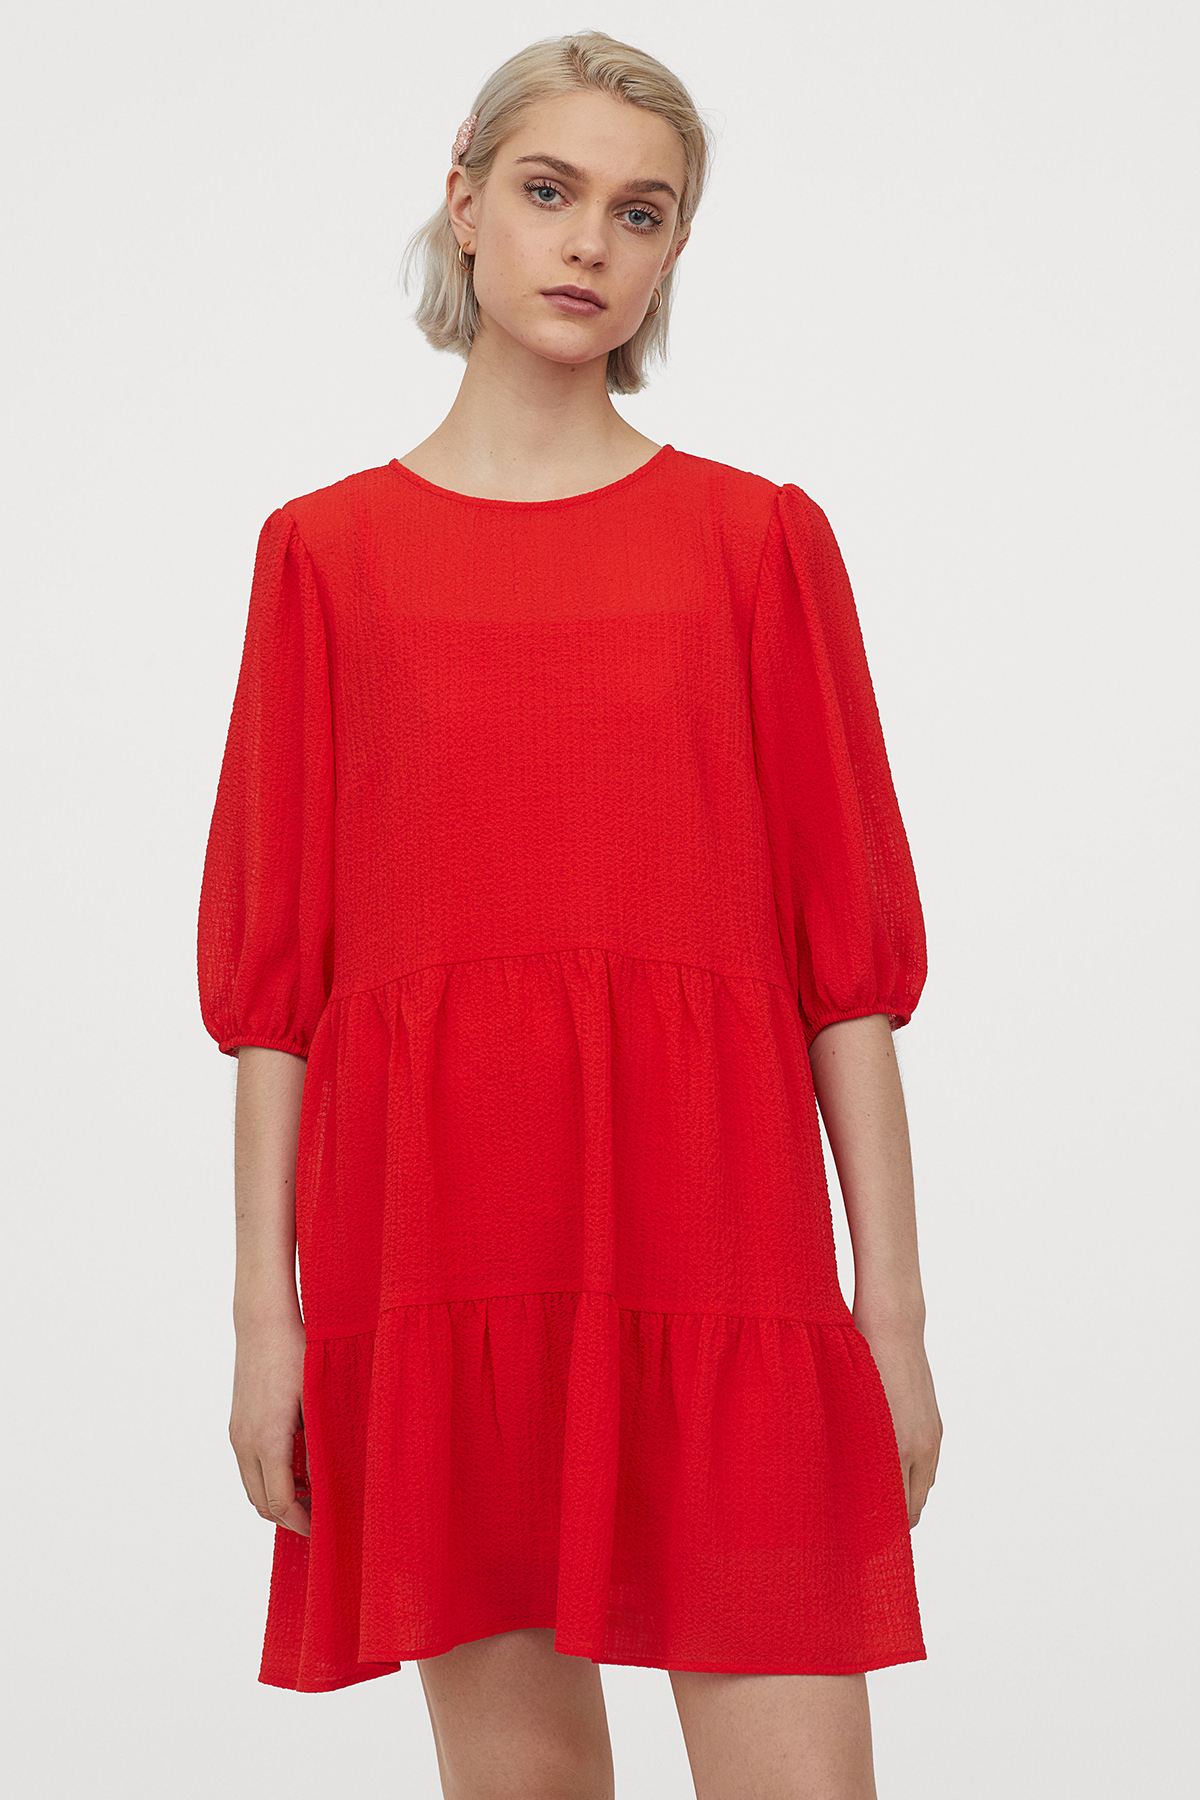 500k cũng là giá của chiếc váy đỏ dáng suông - món đồ không kén dáng, kén da, thích hợp với mọi cô gái trong ngày hè.